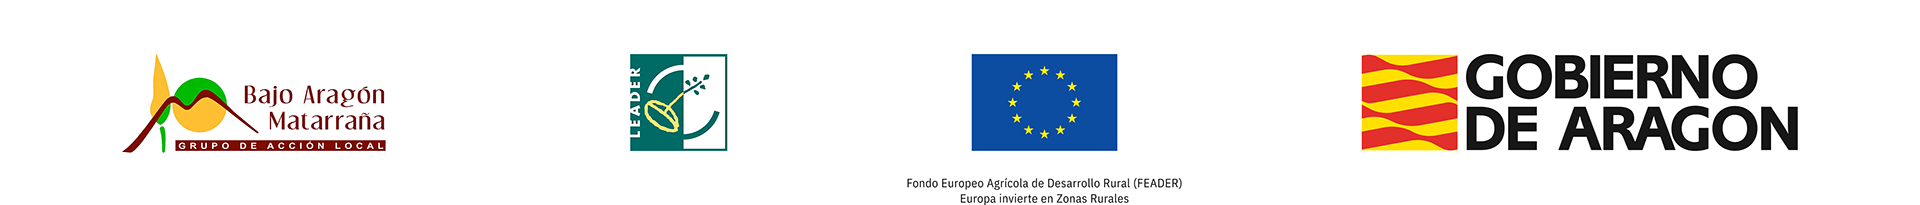 Logotips d'organismes oficials